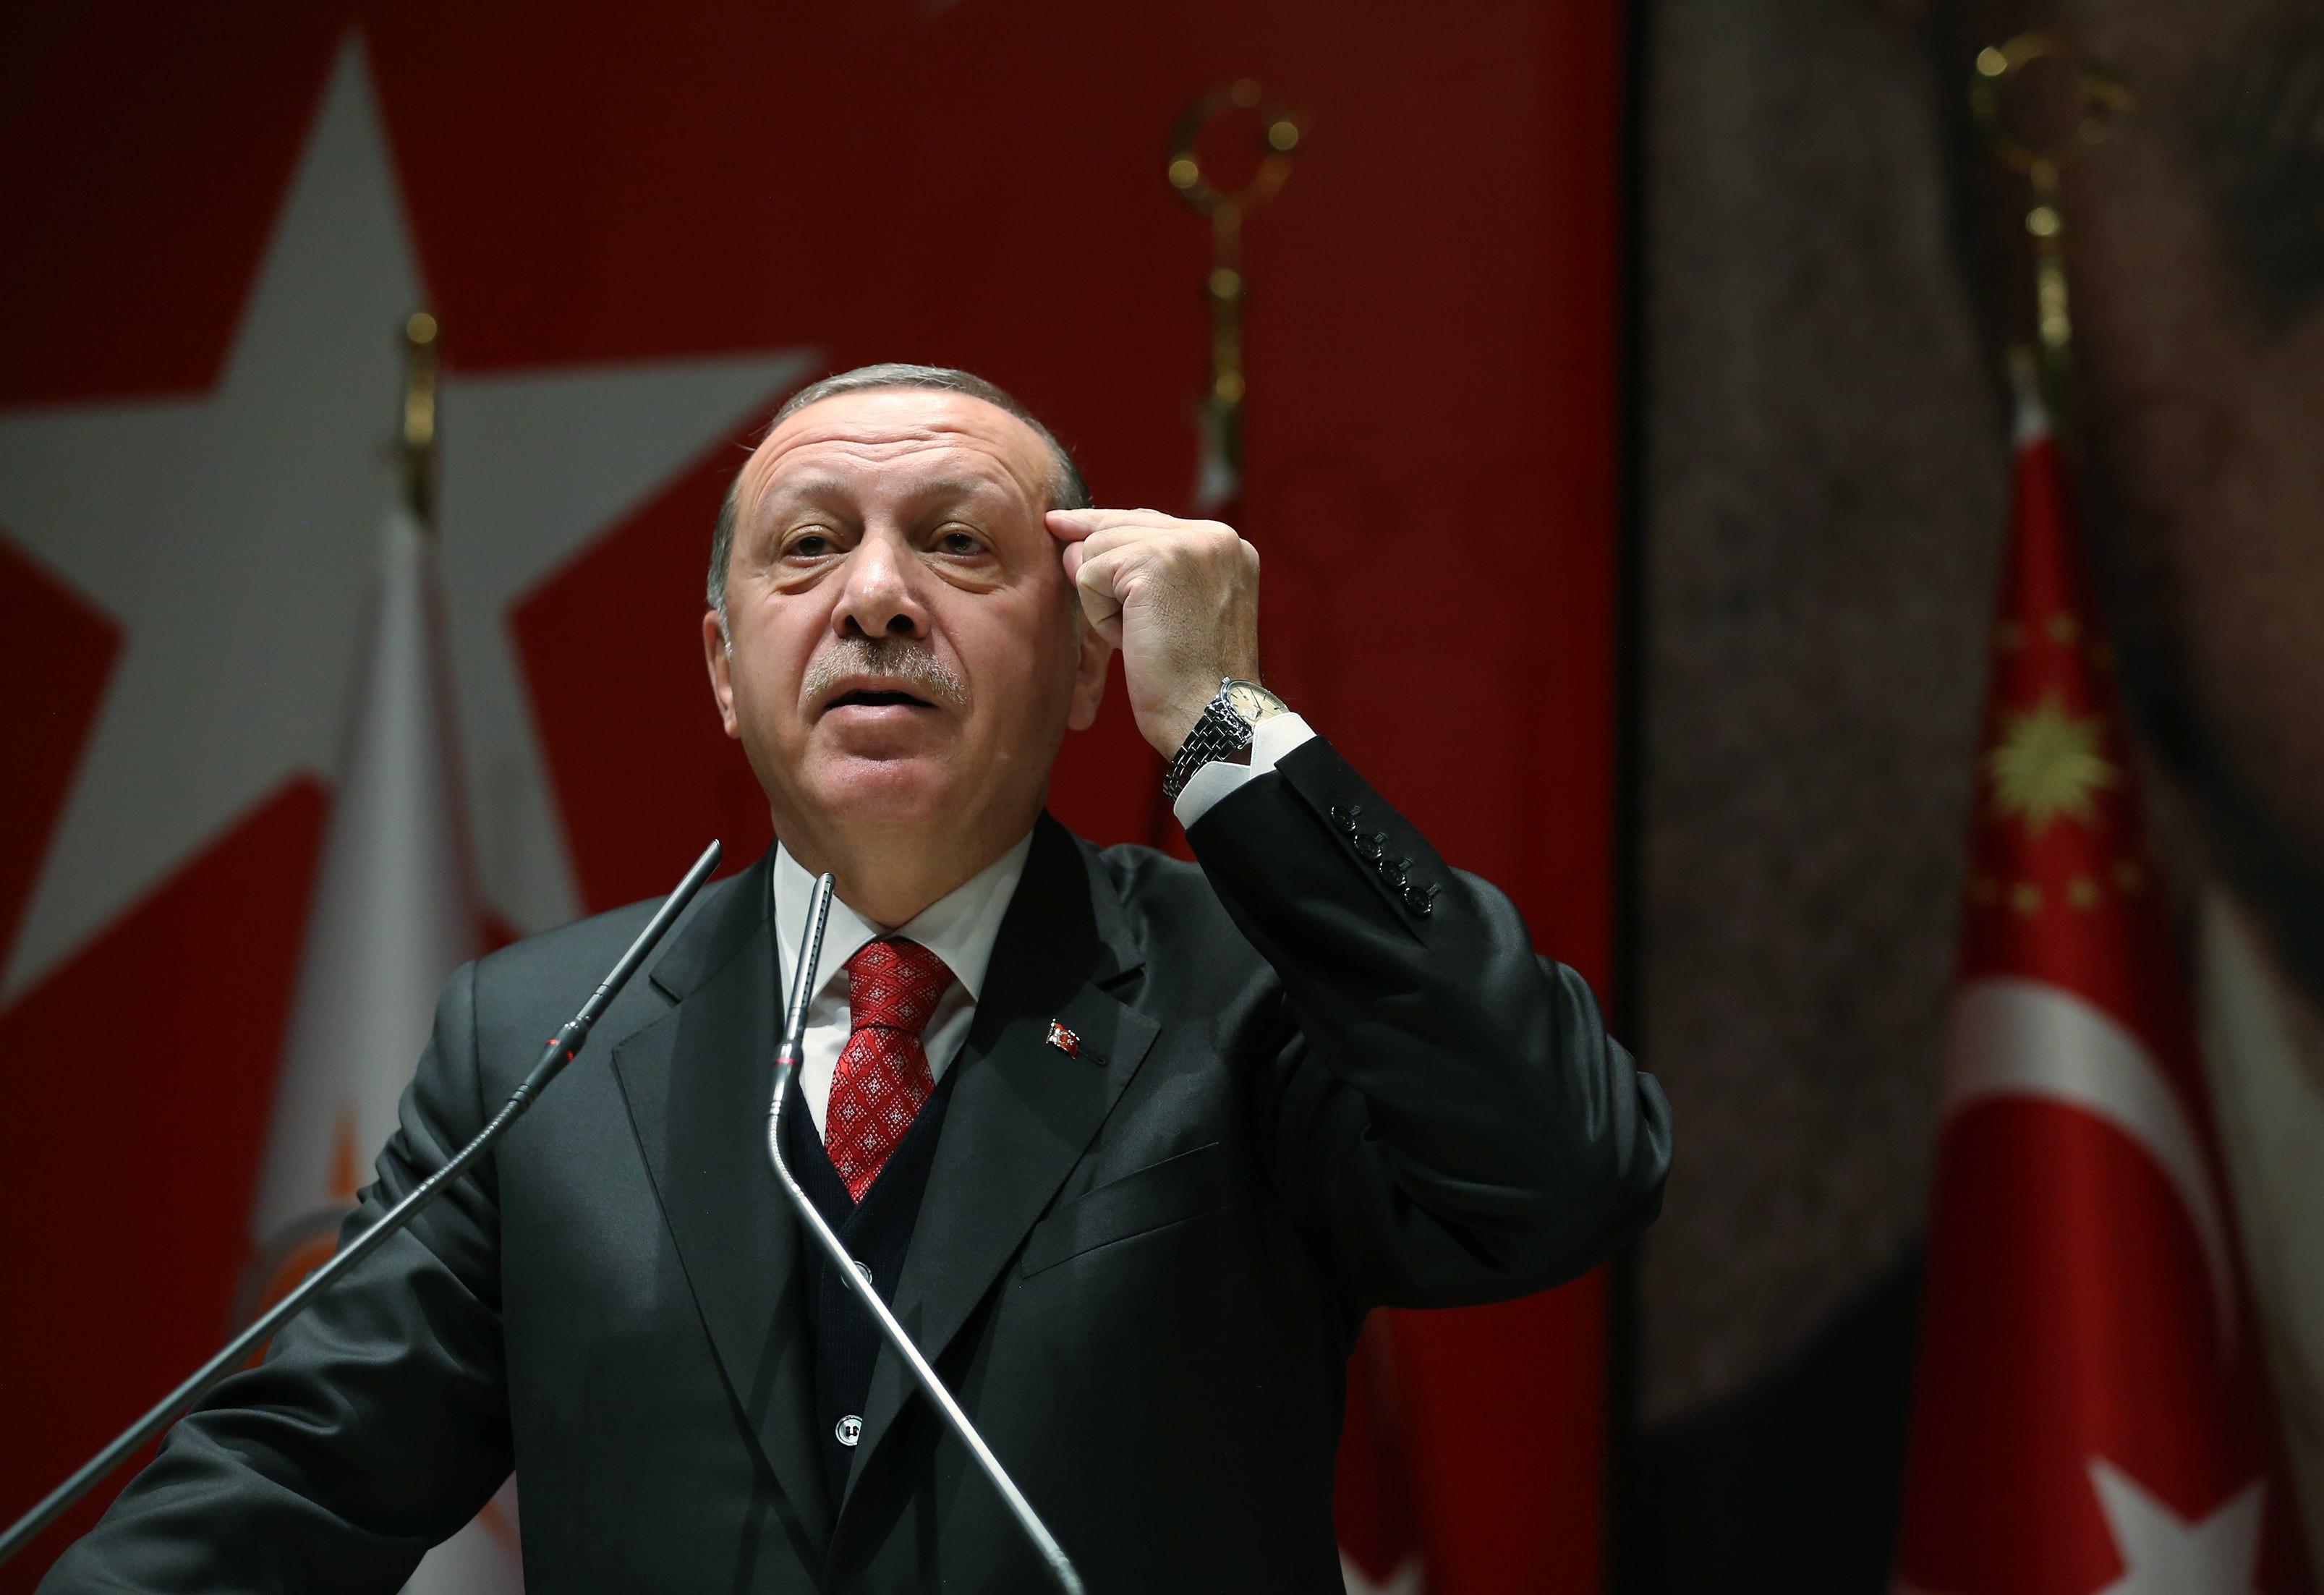 Disputas territoriais na agenda da visita do Presidente turco à Grécia